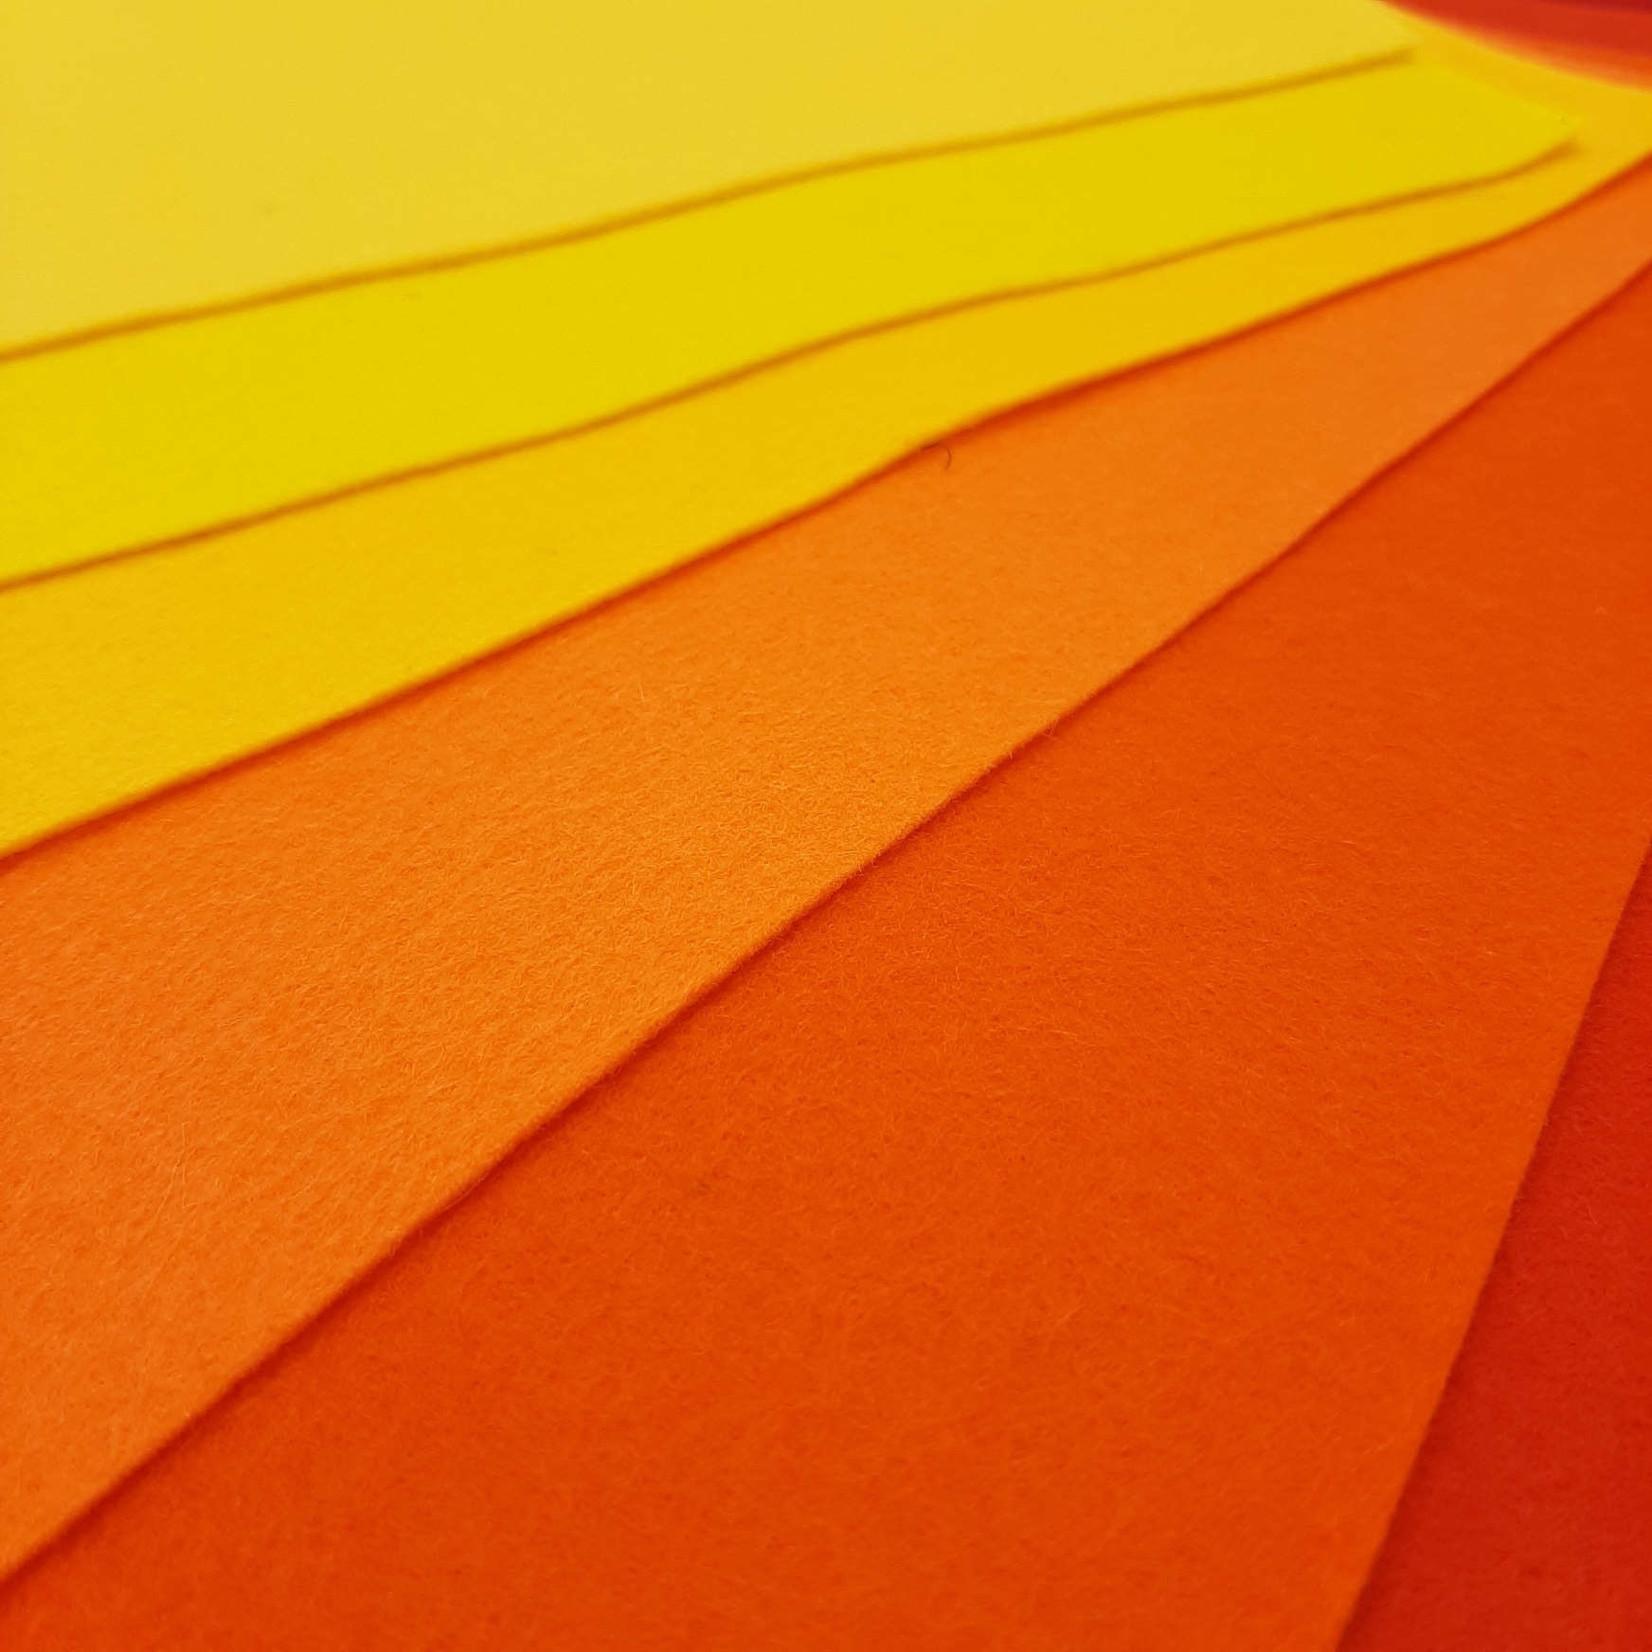 HollandFelt Wolvilt - Summer - 8 lapjes 20 x 30 cm. - zuiver scheerwol- 1 mm. dik